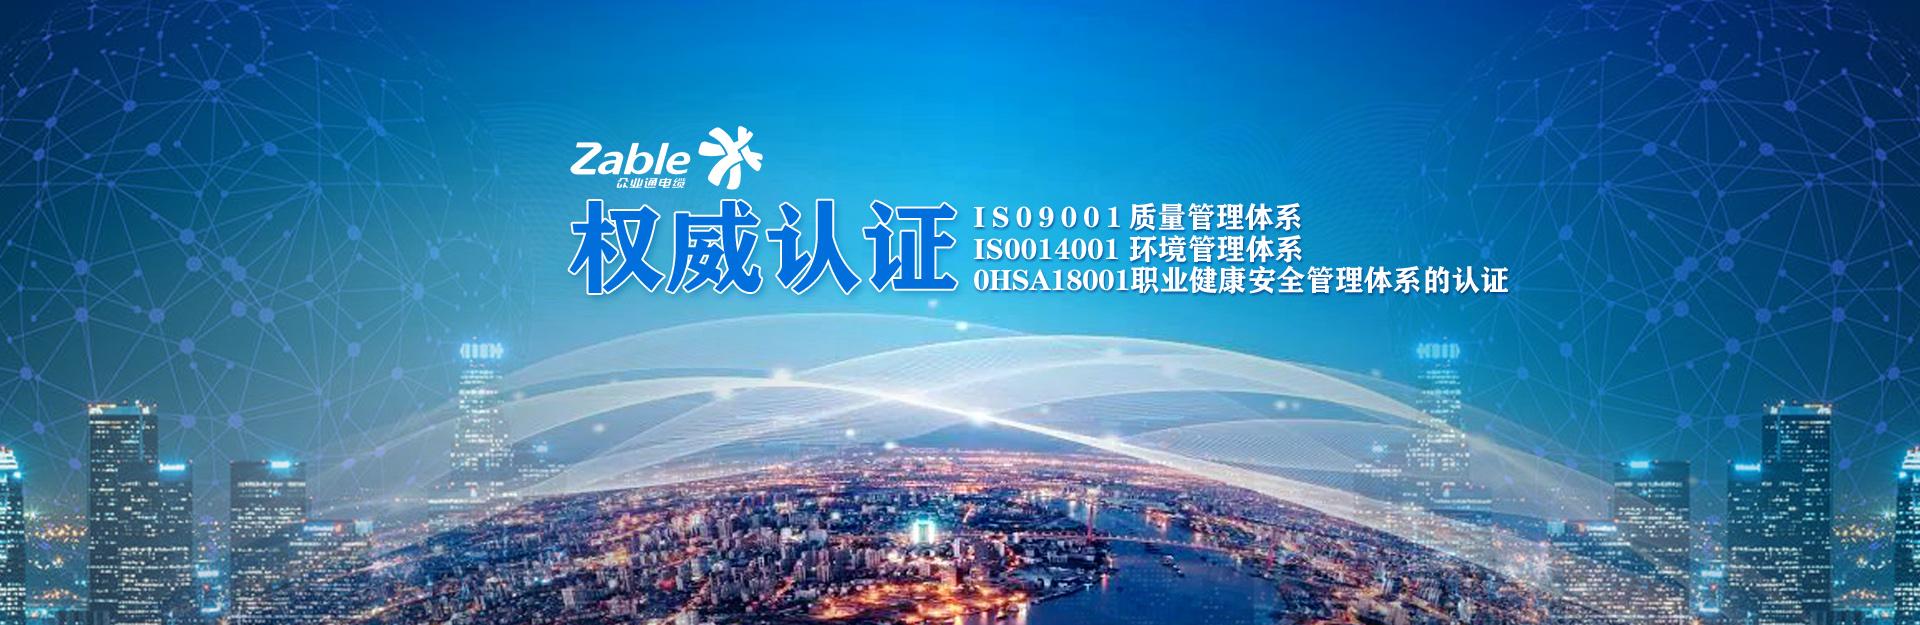 上海茄子app電纜股份有限公司體係認證